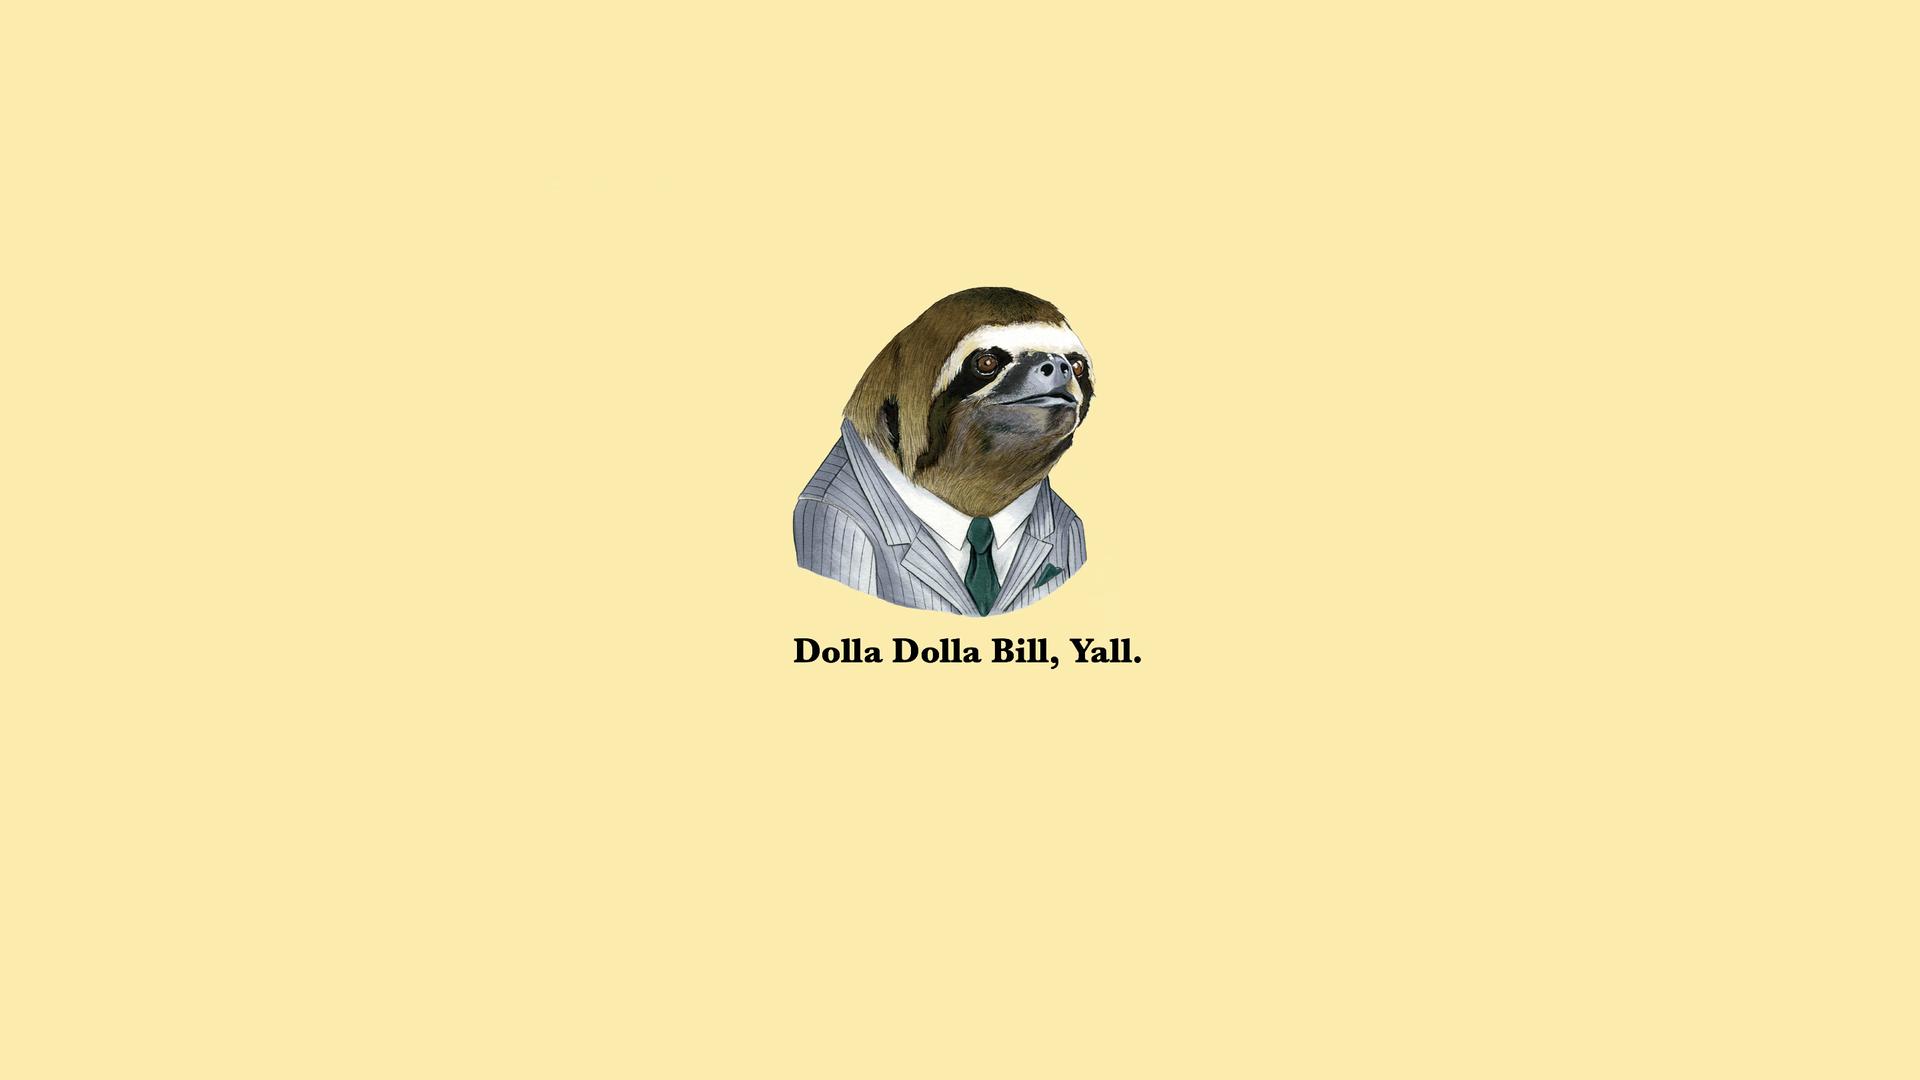 Astronaut Sloth Wallpaper - WallpaperSafari